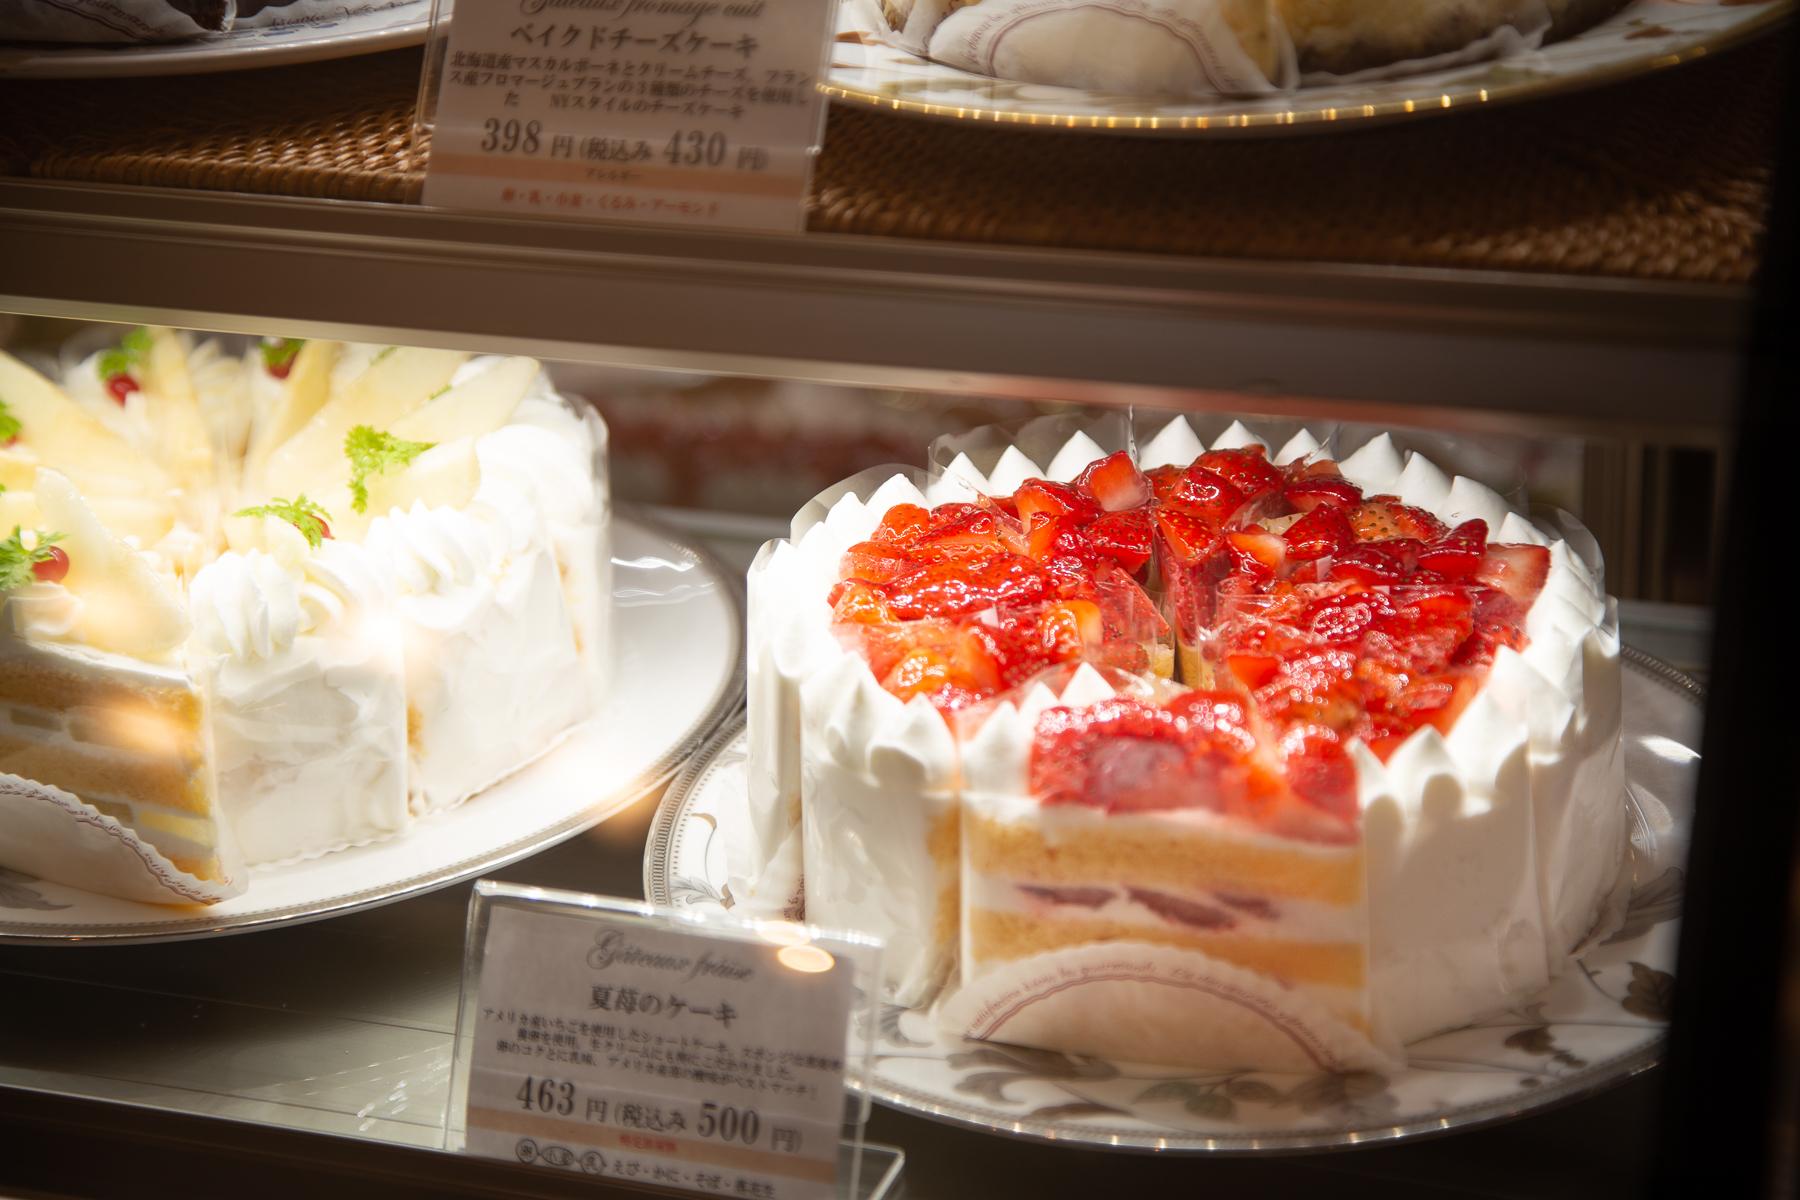 パティスリー ラヴィアンレーヴの苺ケーキ